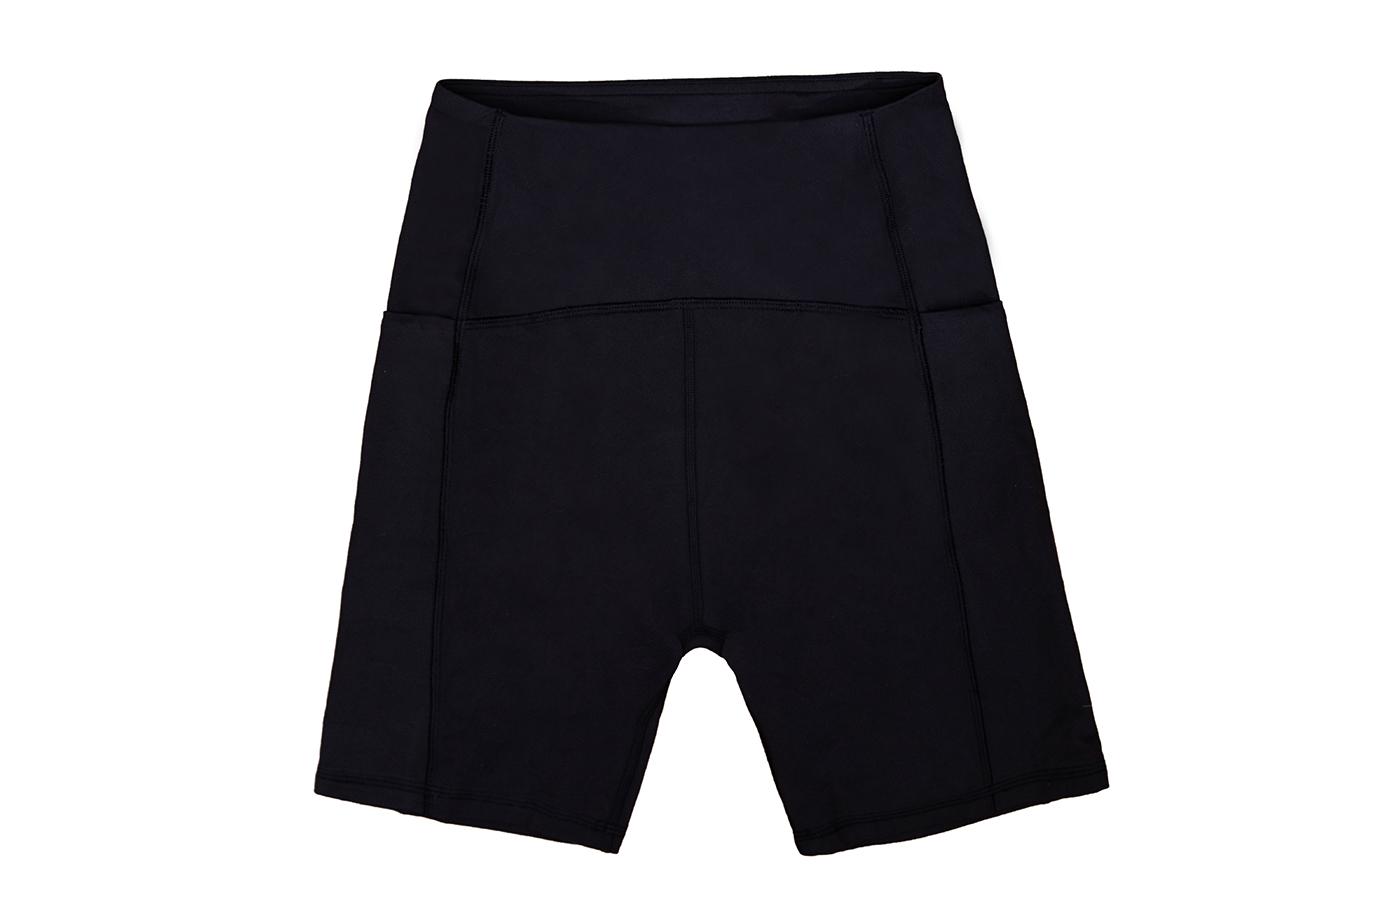 Thinx activewear